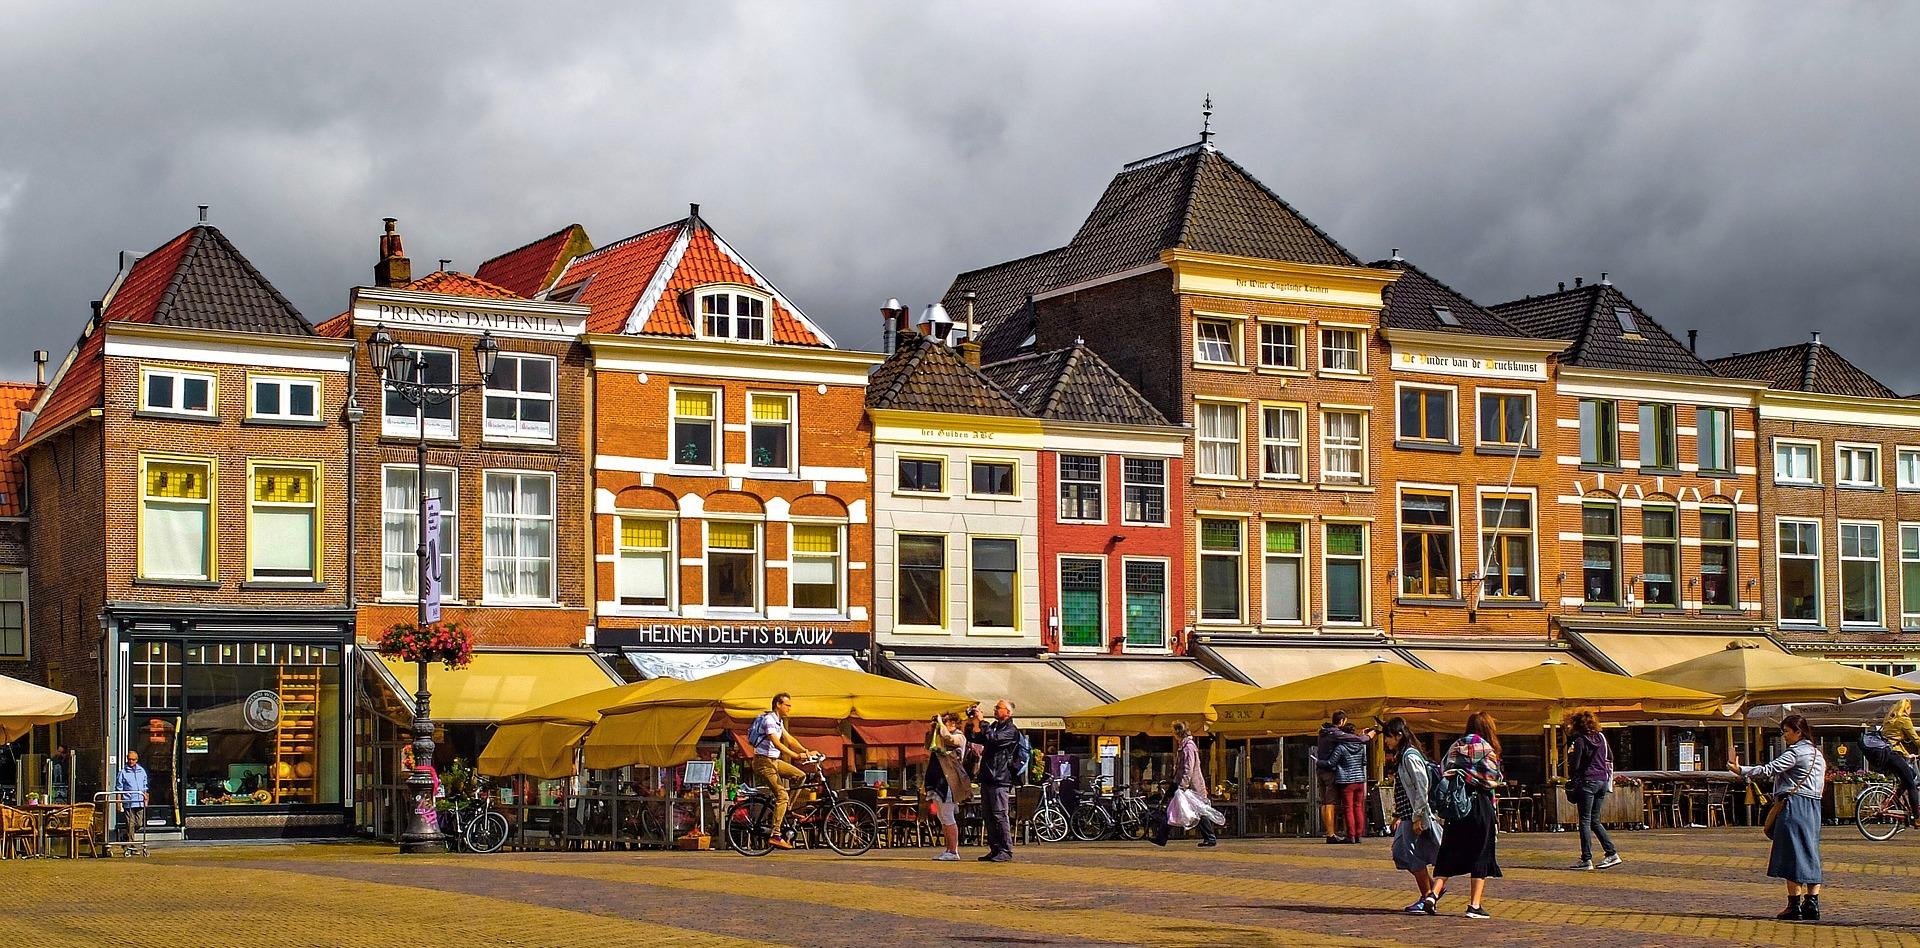 Snel Geld voor Je Woning in Delft